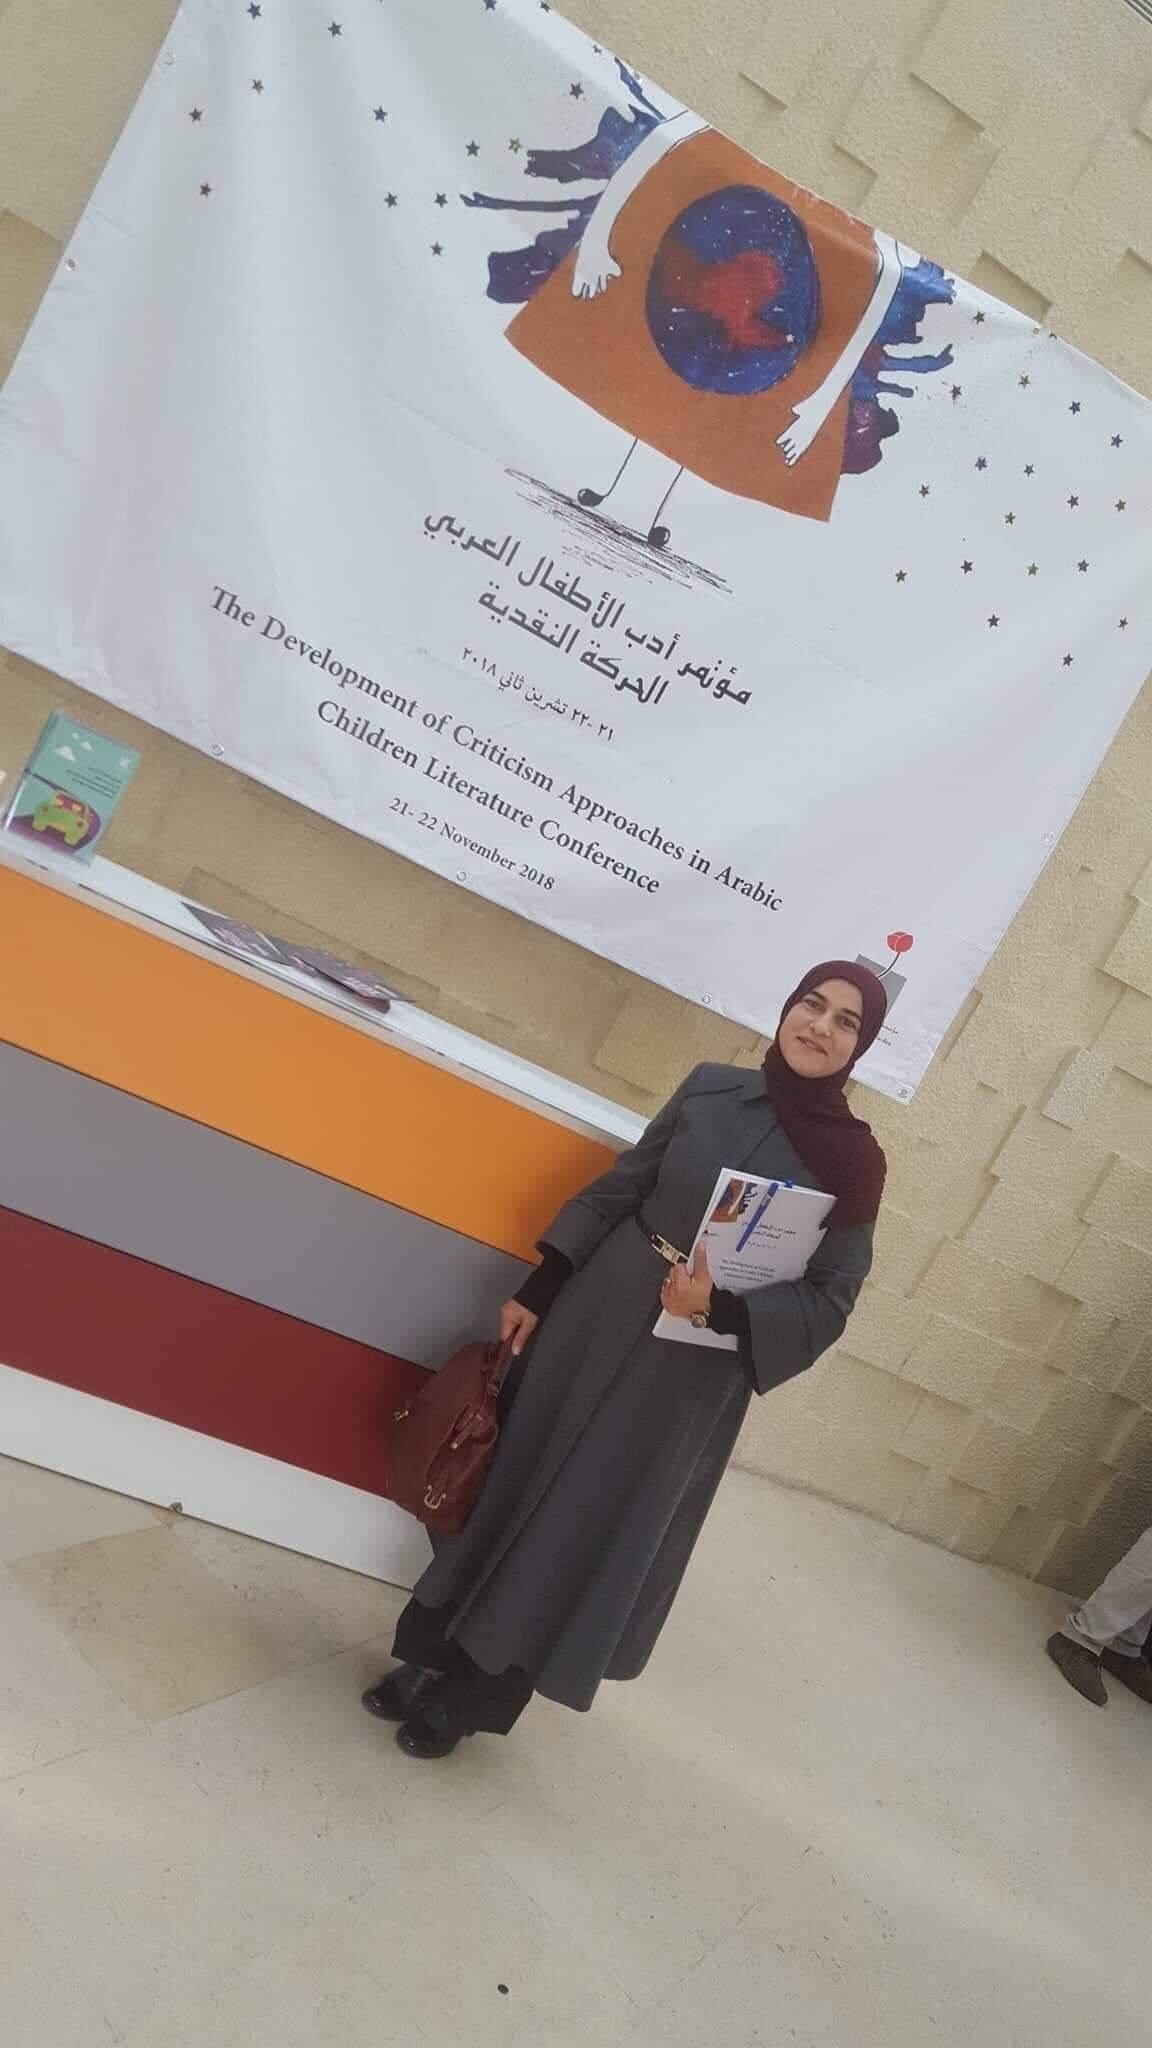 حنان أبو جارور تشارك في مؤتمر لأدب الأطفال العربي في الأردن مندوبة عن معهد مكين